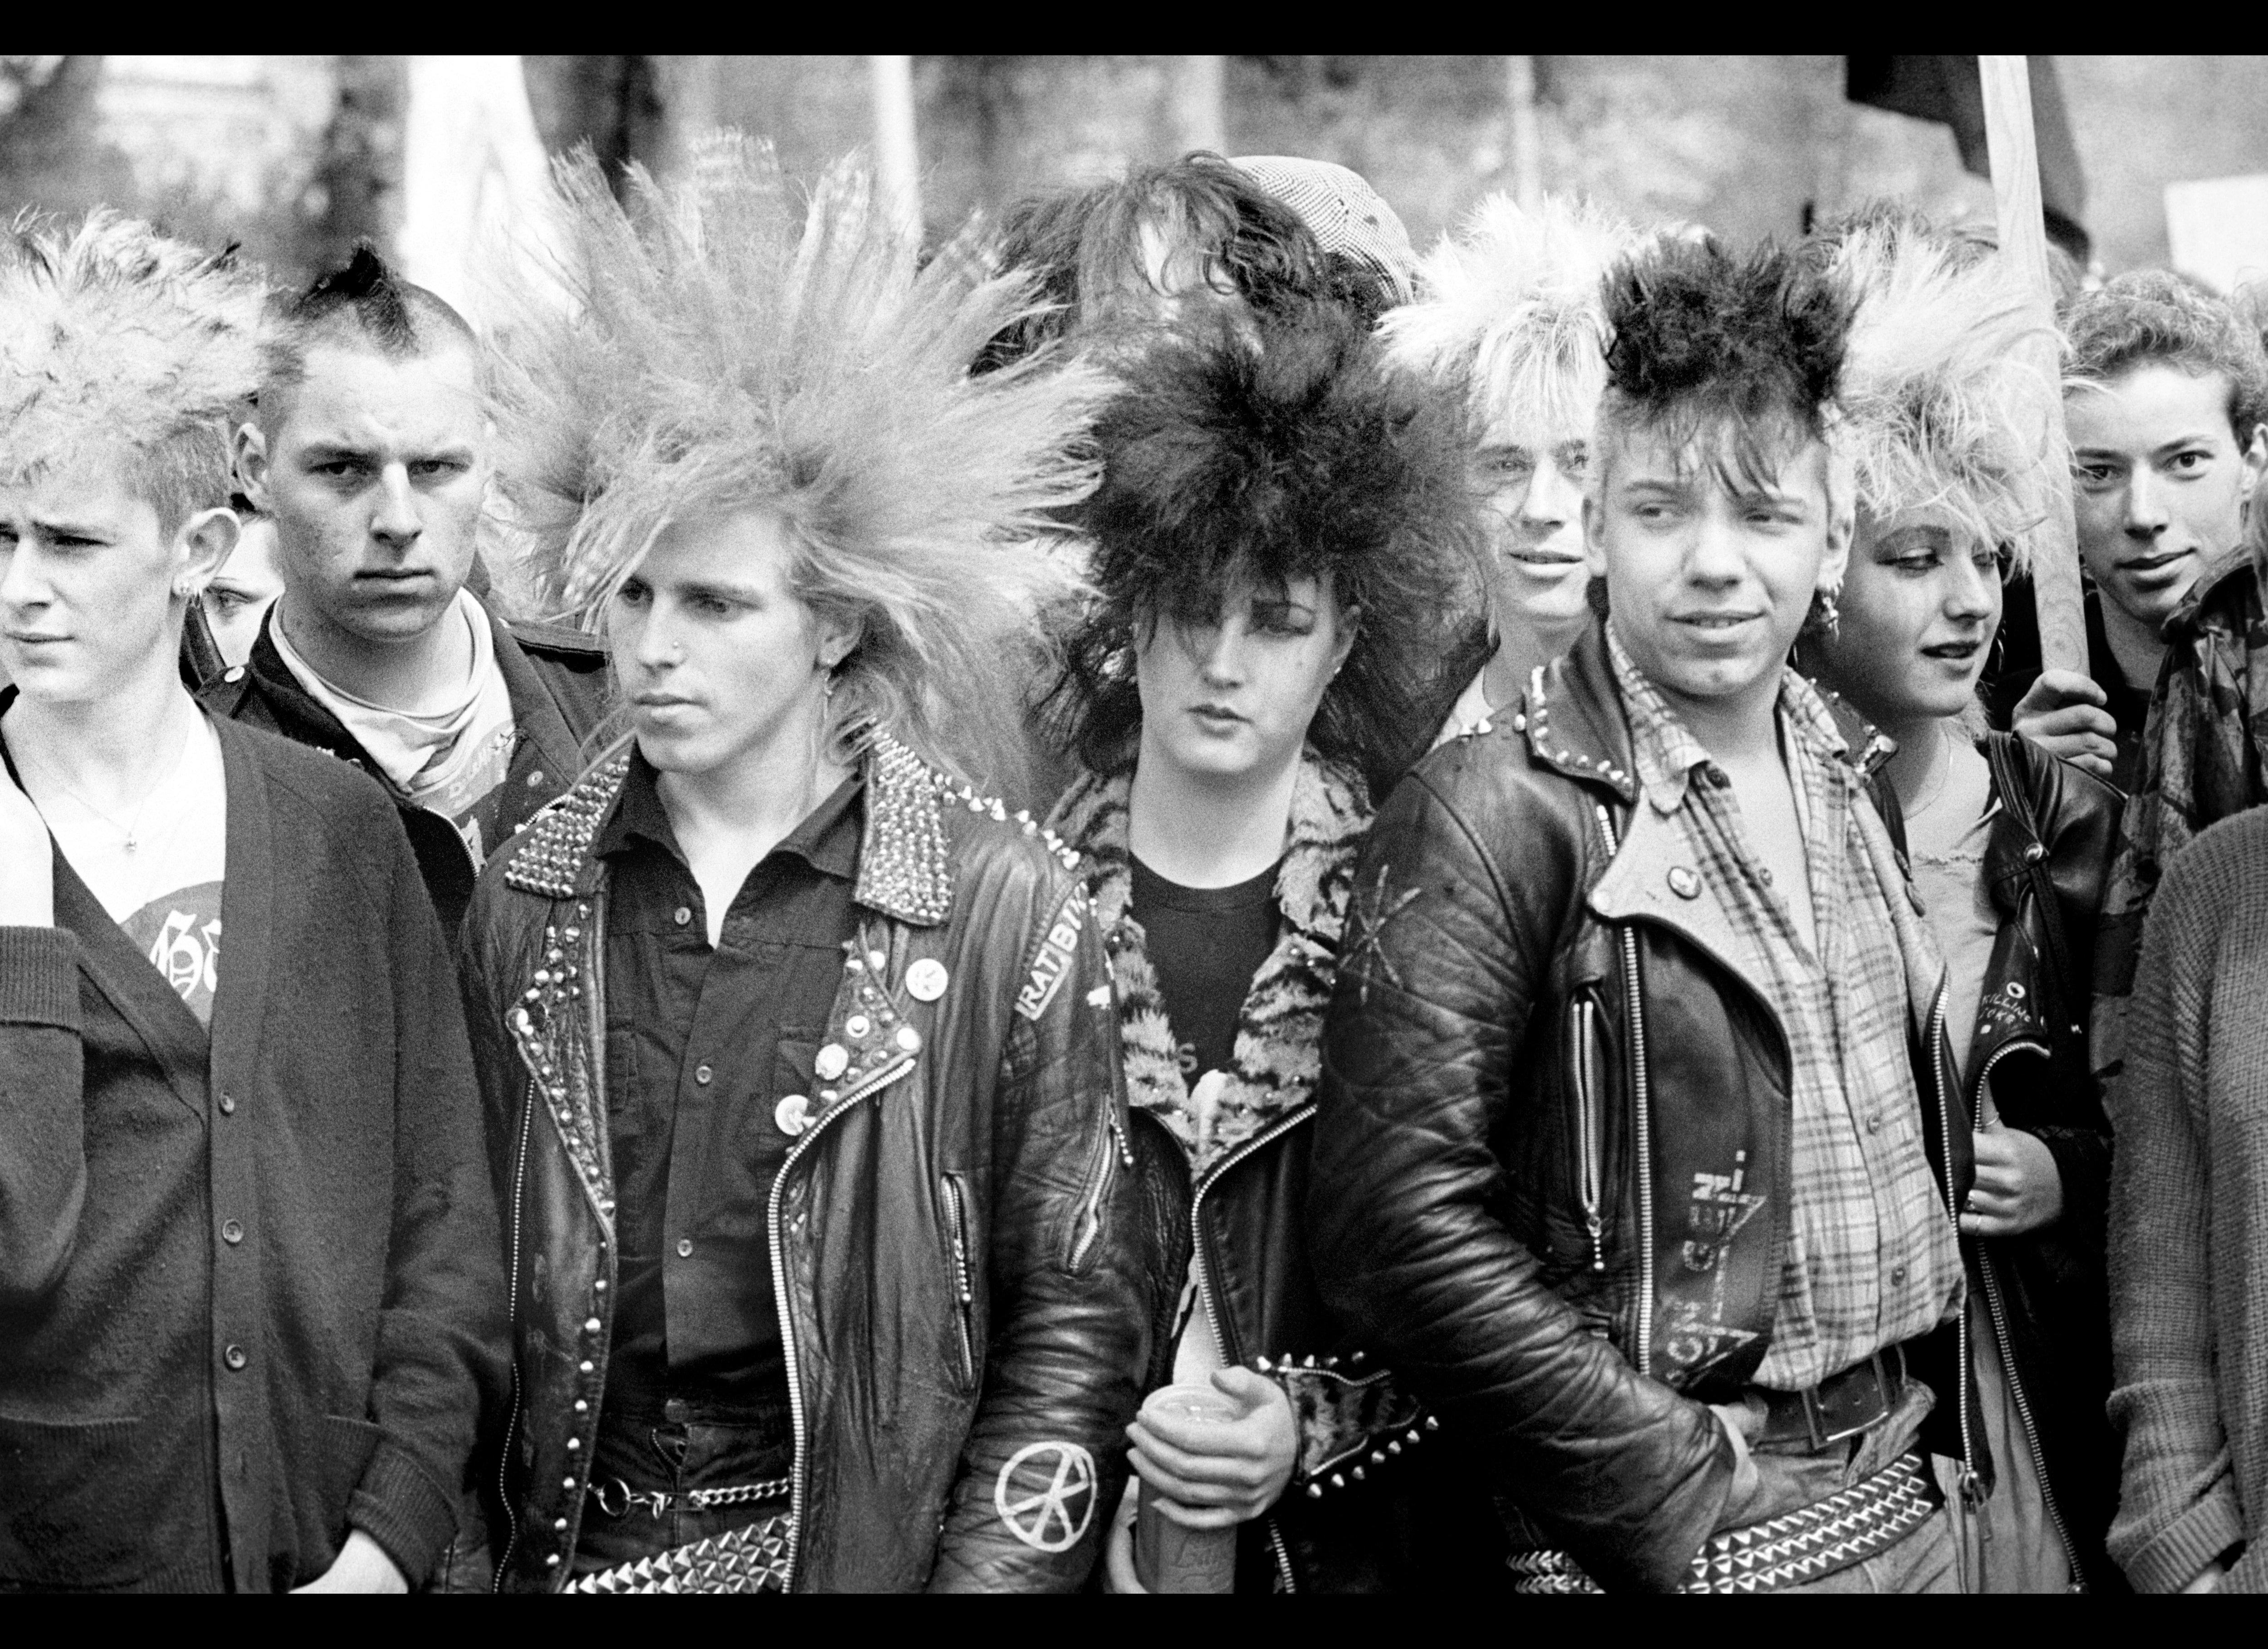 1980s Punk